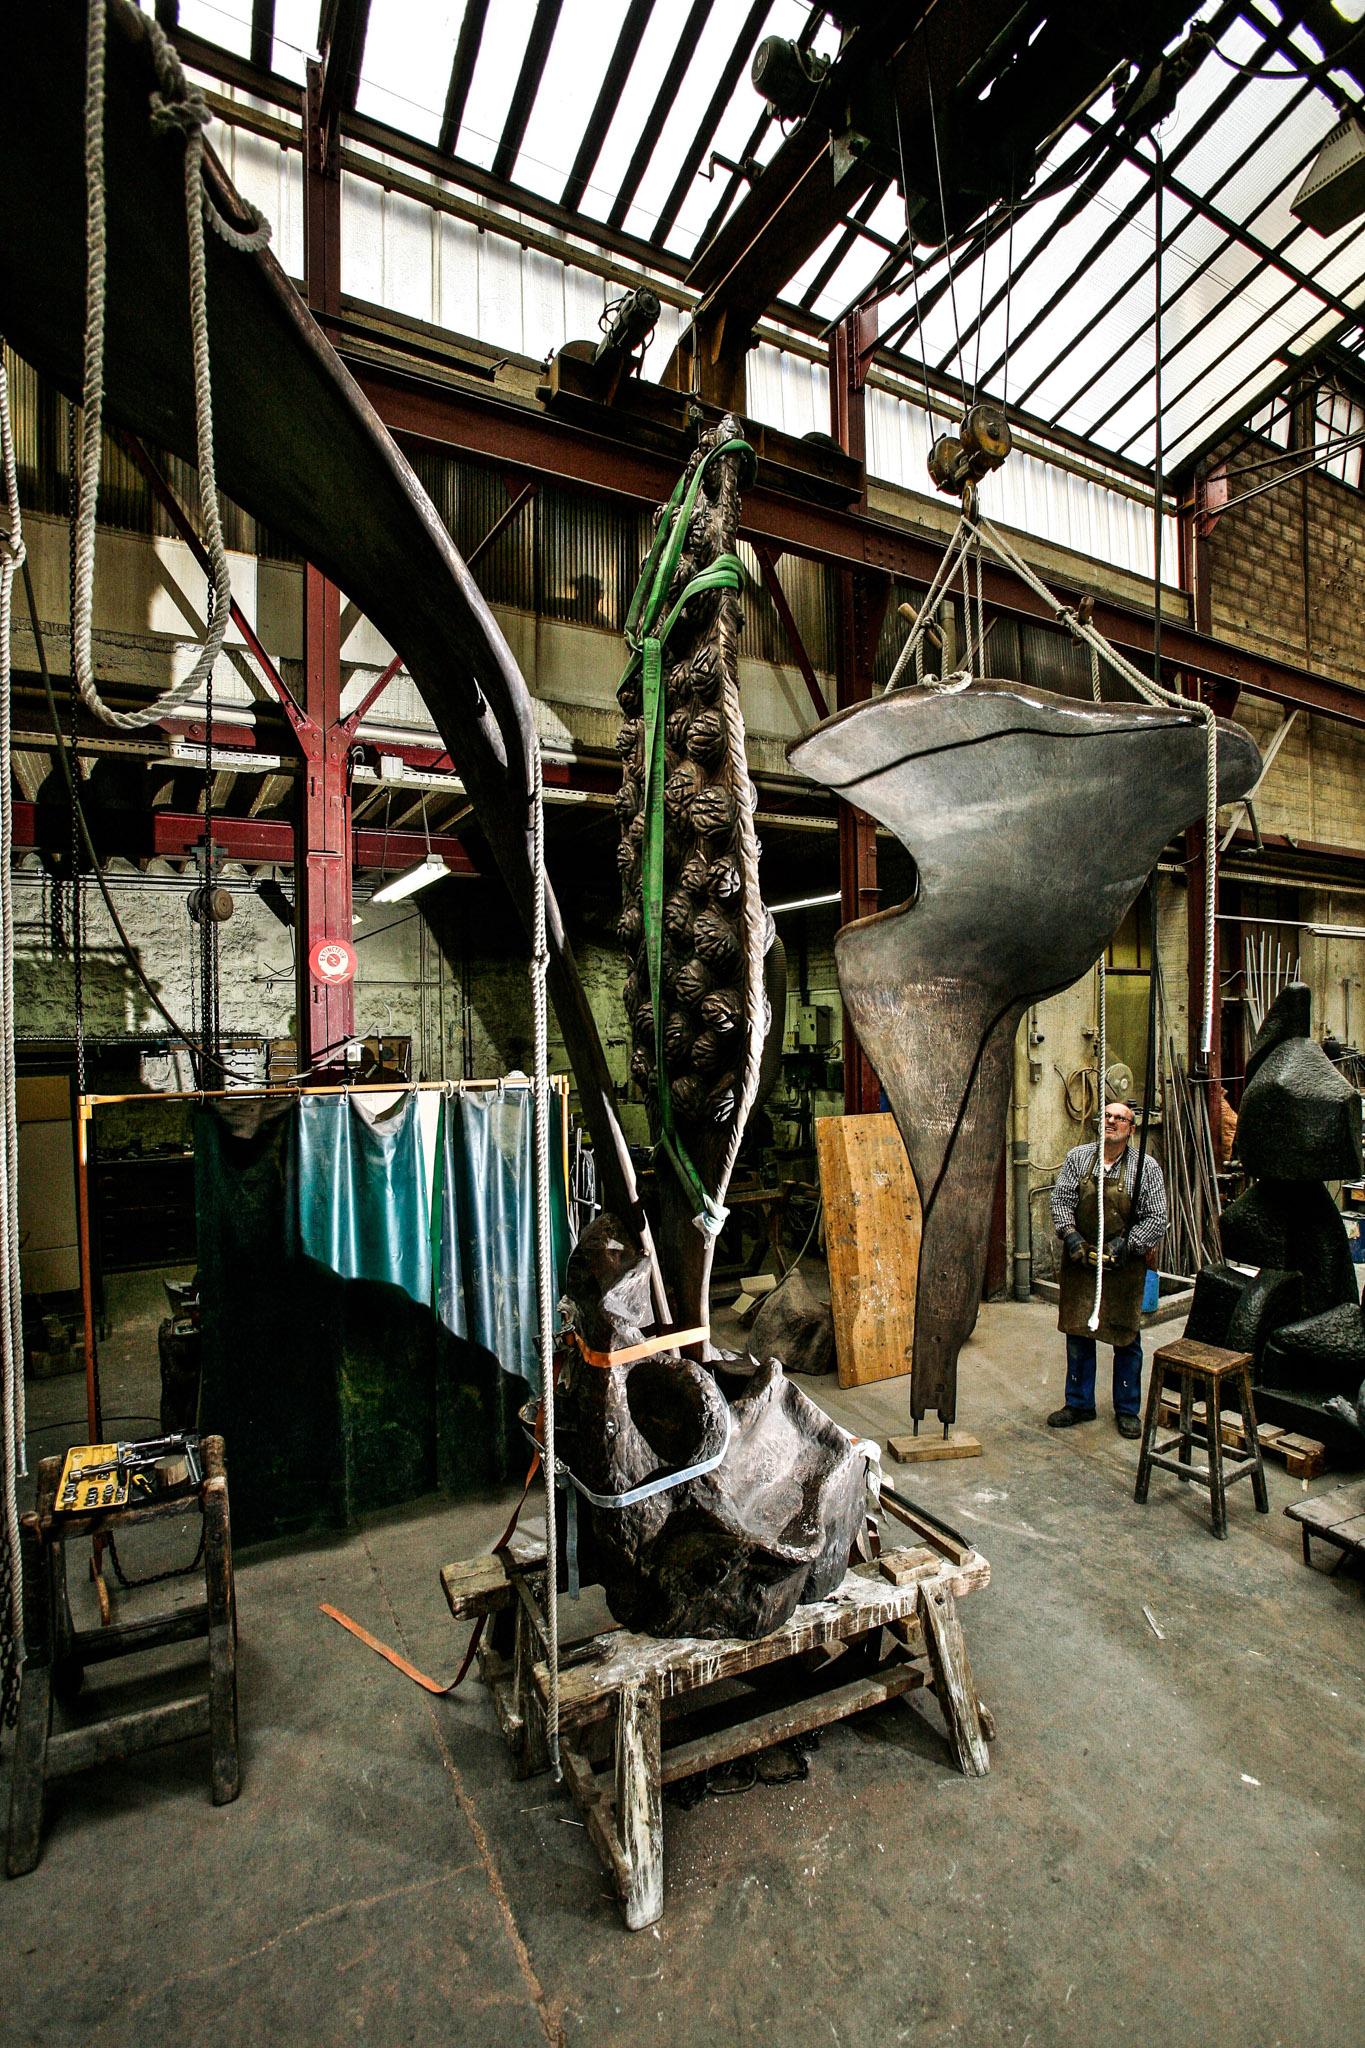 fonderie_susse_bronze_sculture_atelier_savoir_faire_art_manolo _mylonas_